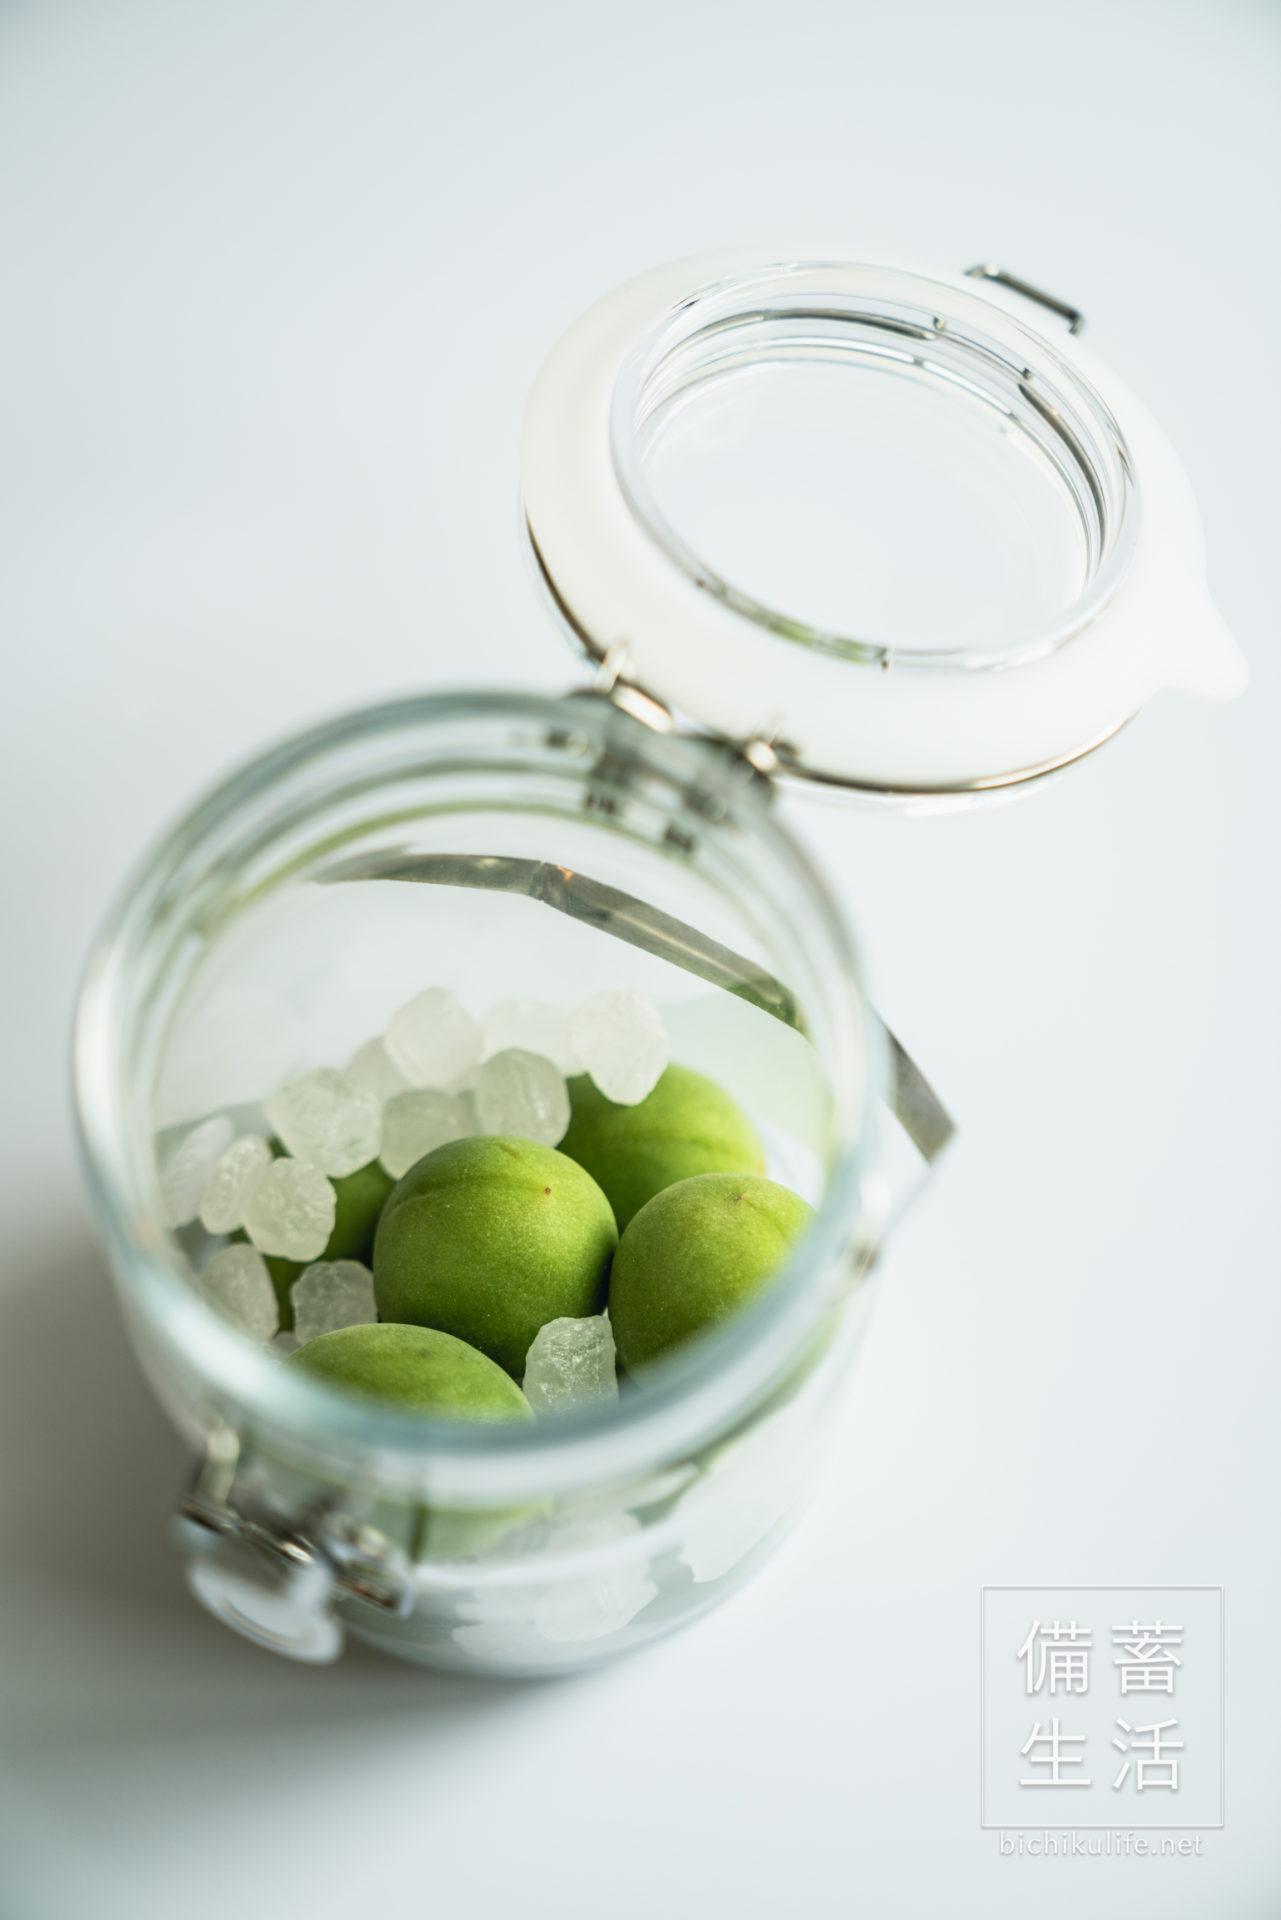 梅酒づくり 自家製梅酒を作るアイデア、青梅の自家製梅酒